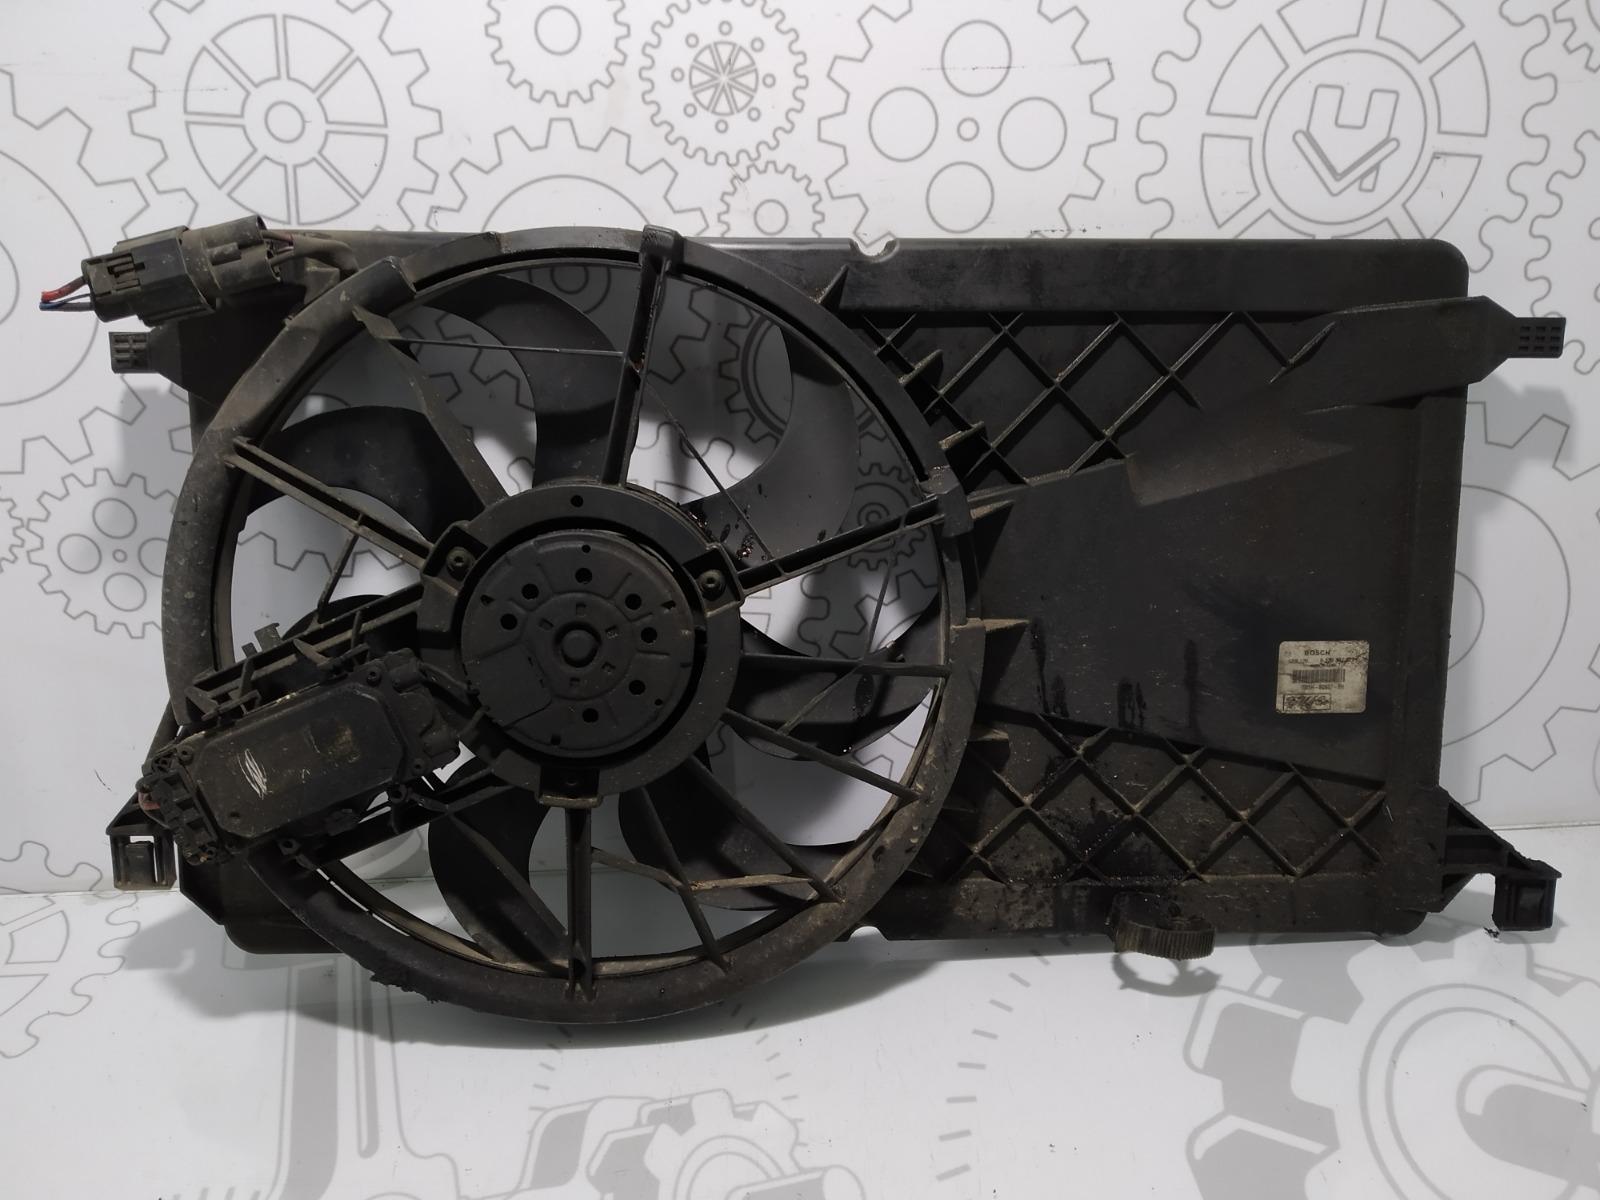 Вентилятор радиатора Ford Focus 1.6 TDCI 2007 (б/у)